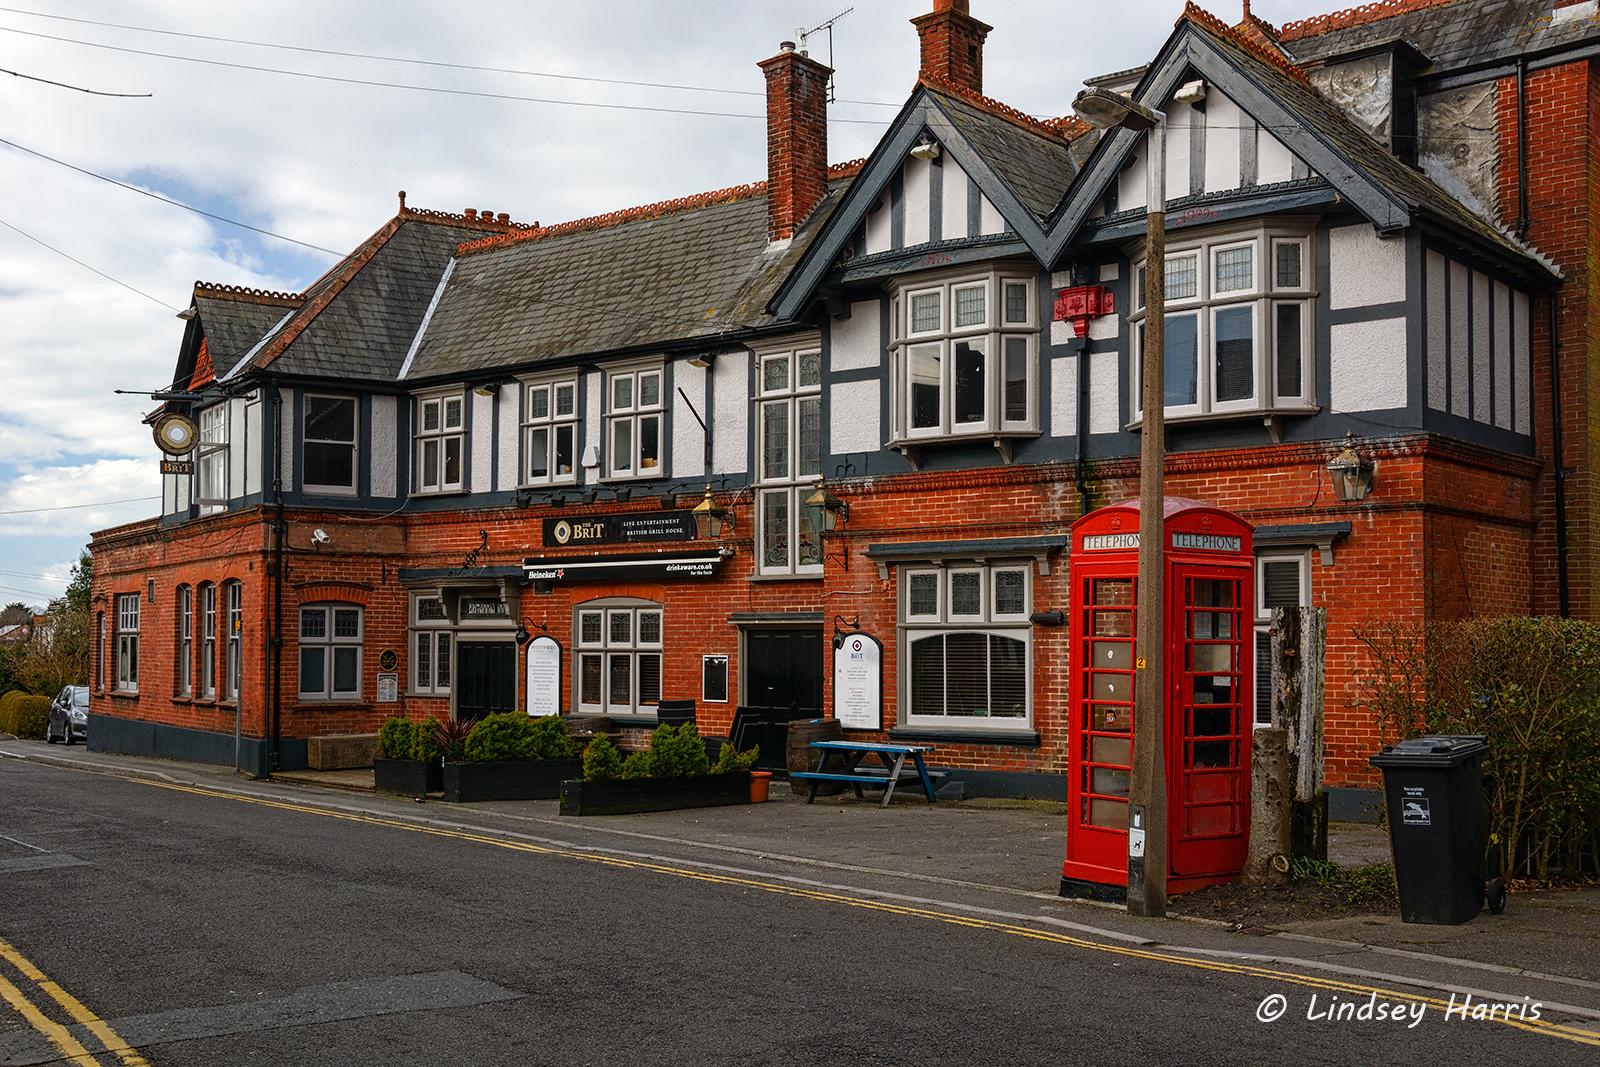 The Brit Pub (Britannia). Closed in 2017.